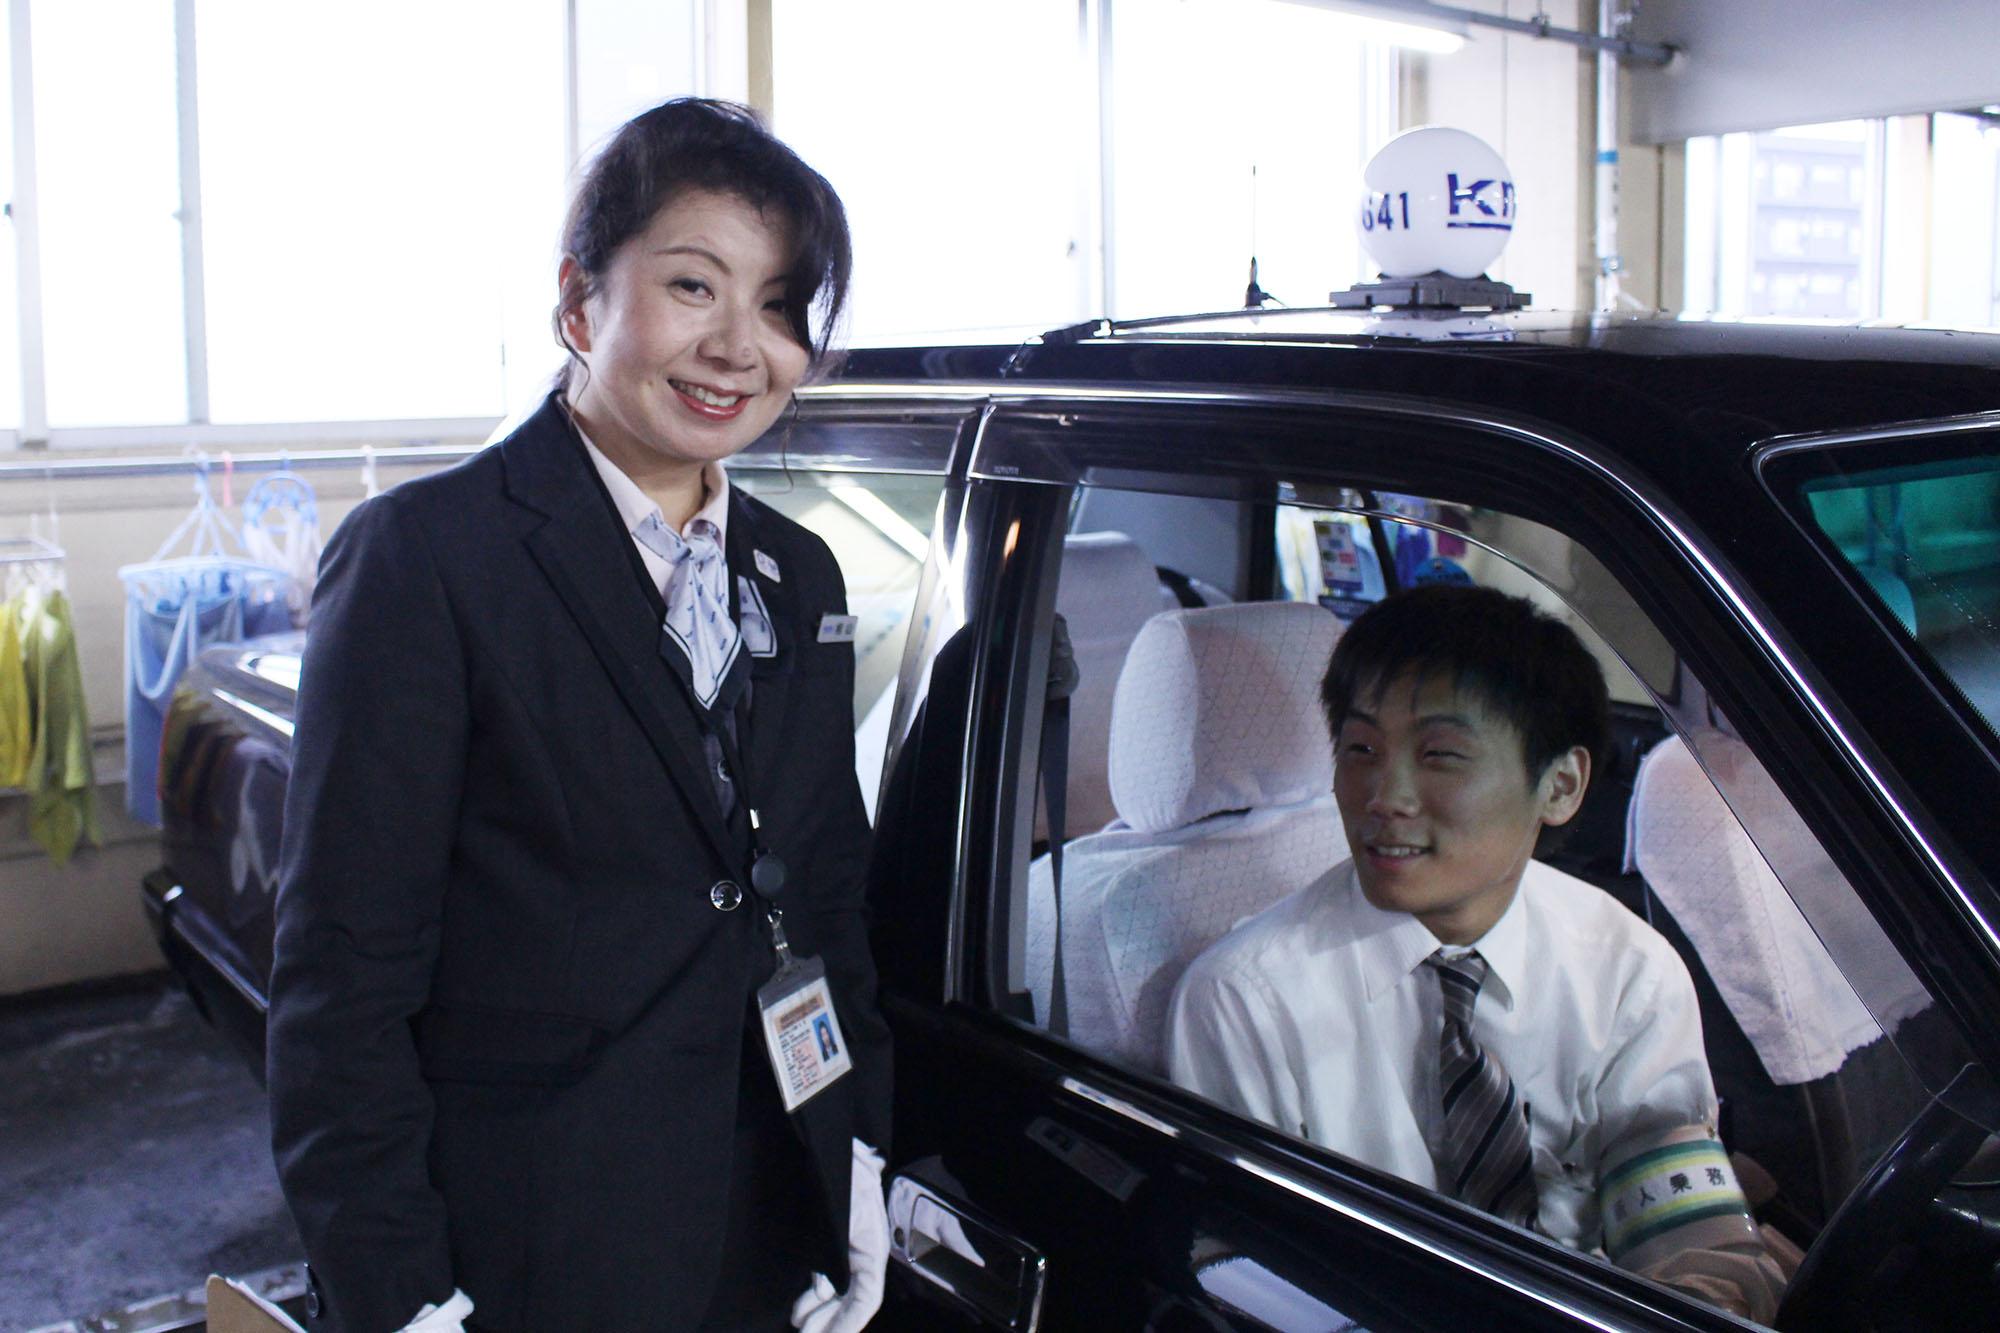 国際自動車(kmタクシー)の女性タクシードライバー相山さんと、羽田営業所の後輩新卒タクシードライバーの写真